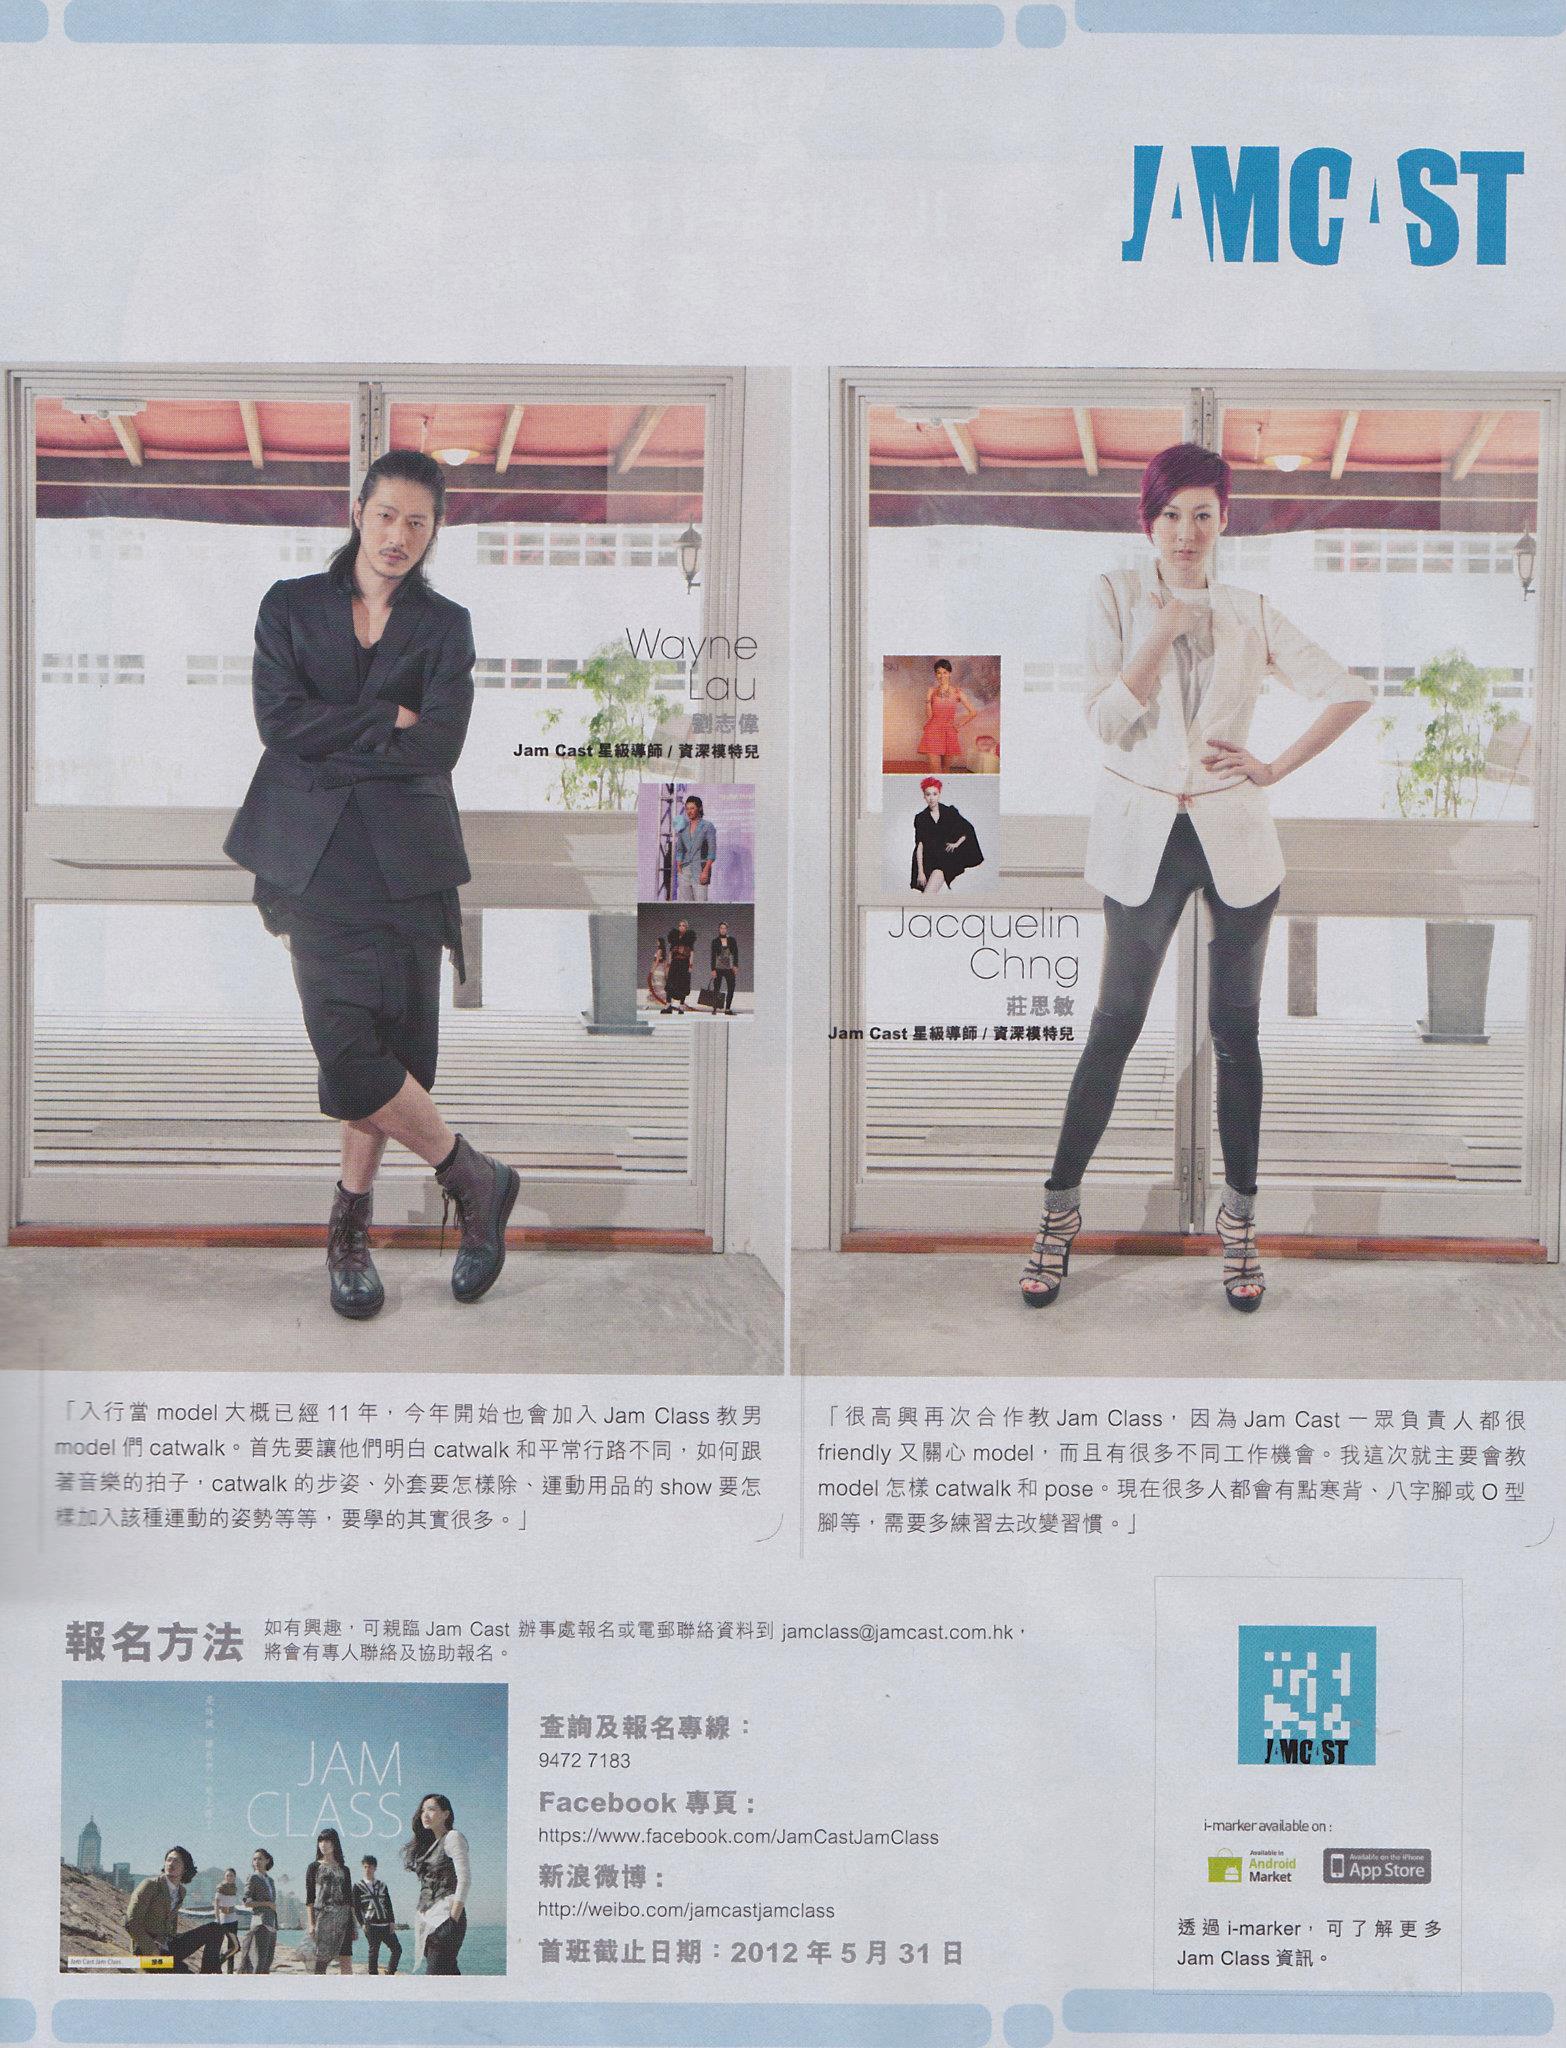 傳媒報導《Tao》 Vol.40 / 2010.04.23